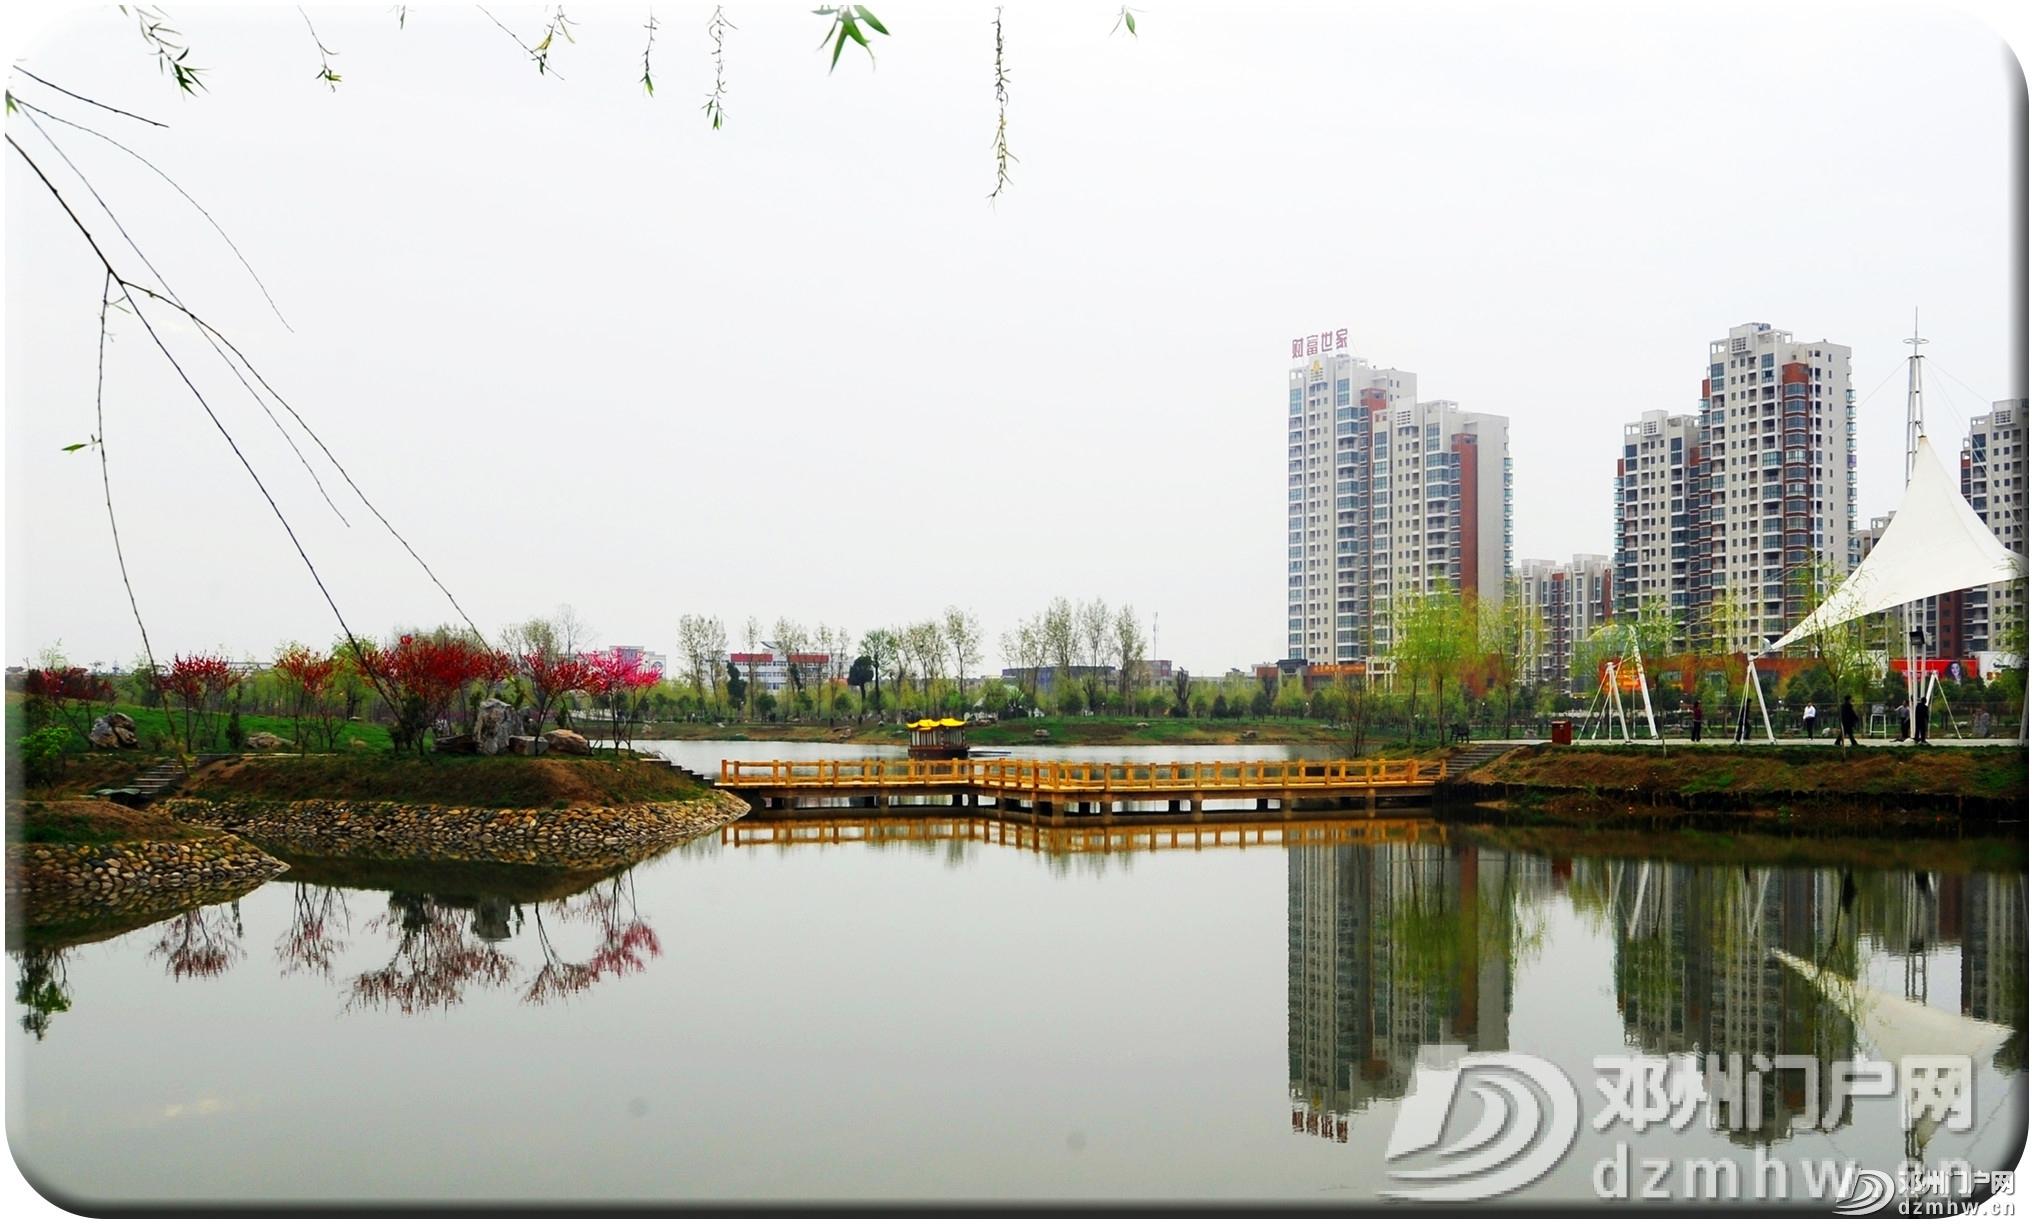 我叫邓州,这是我的最新简历,2020年,请多关照! - 邓州门户网|邓州网 - 42a7cbd4736b37690744b245a4c124f5.jpg